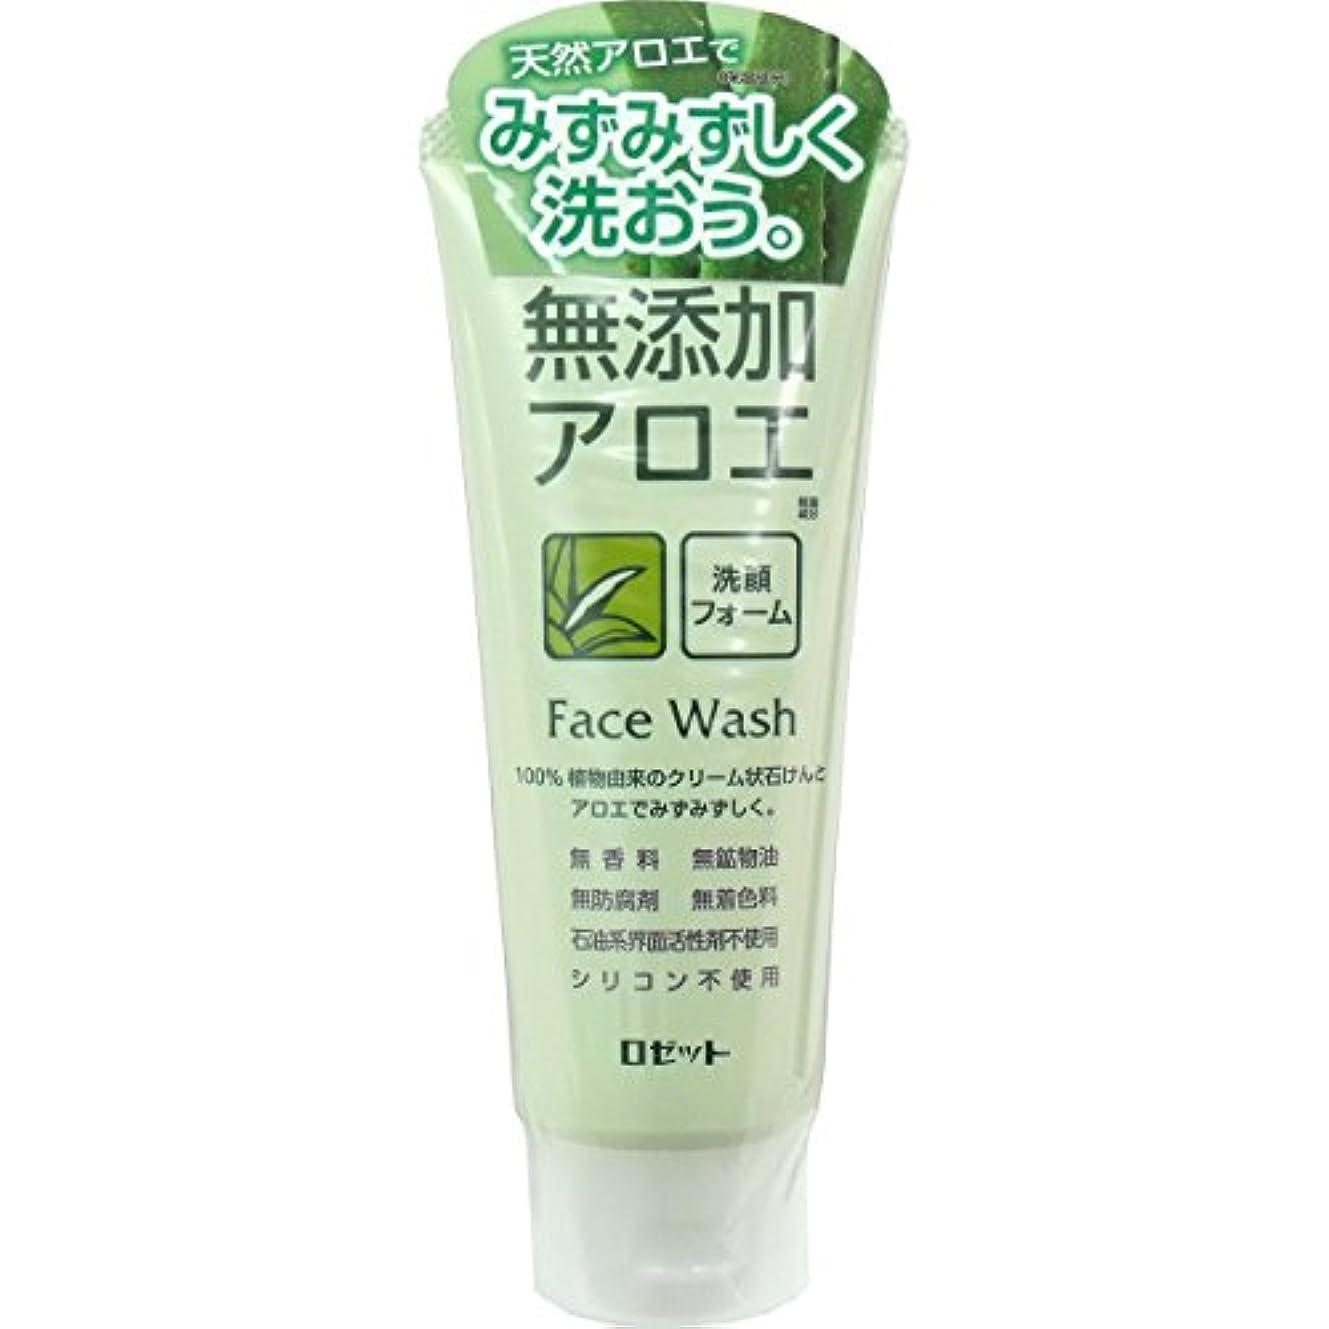 一元化する悩み指令【まとめ買い】無添加アロエ洗顔フォーム 140g ×2セット